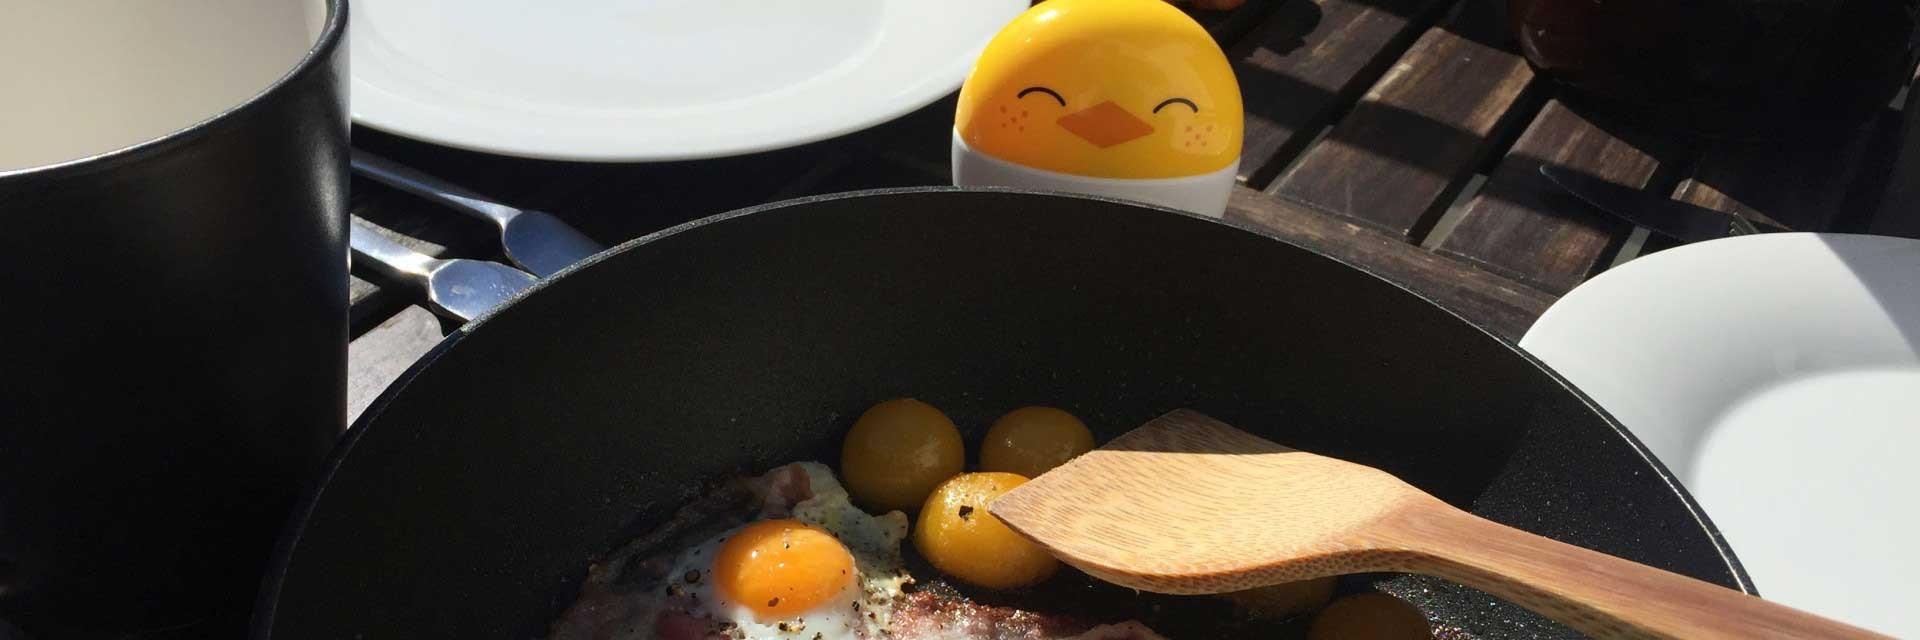 perfekten reis kochen